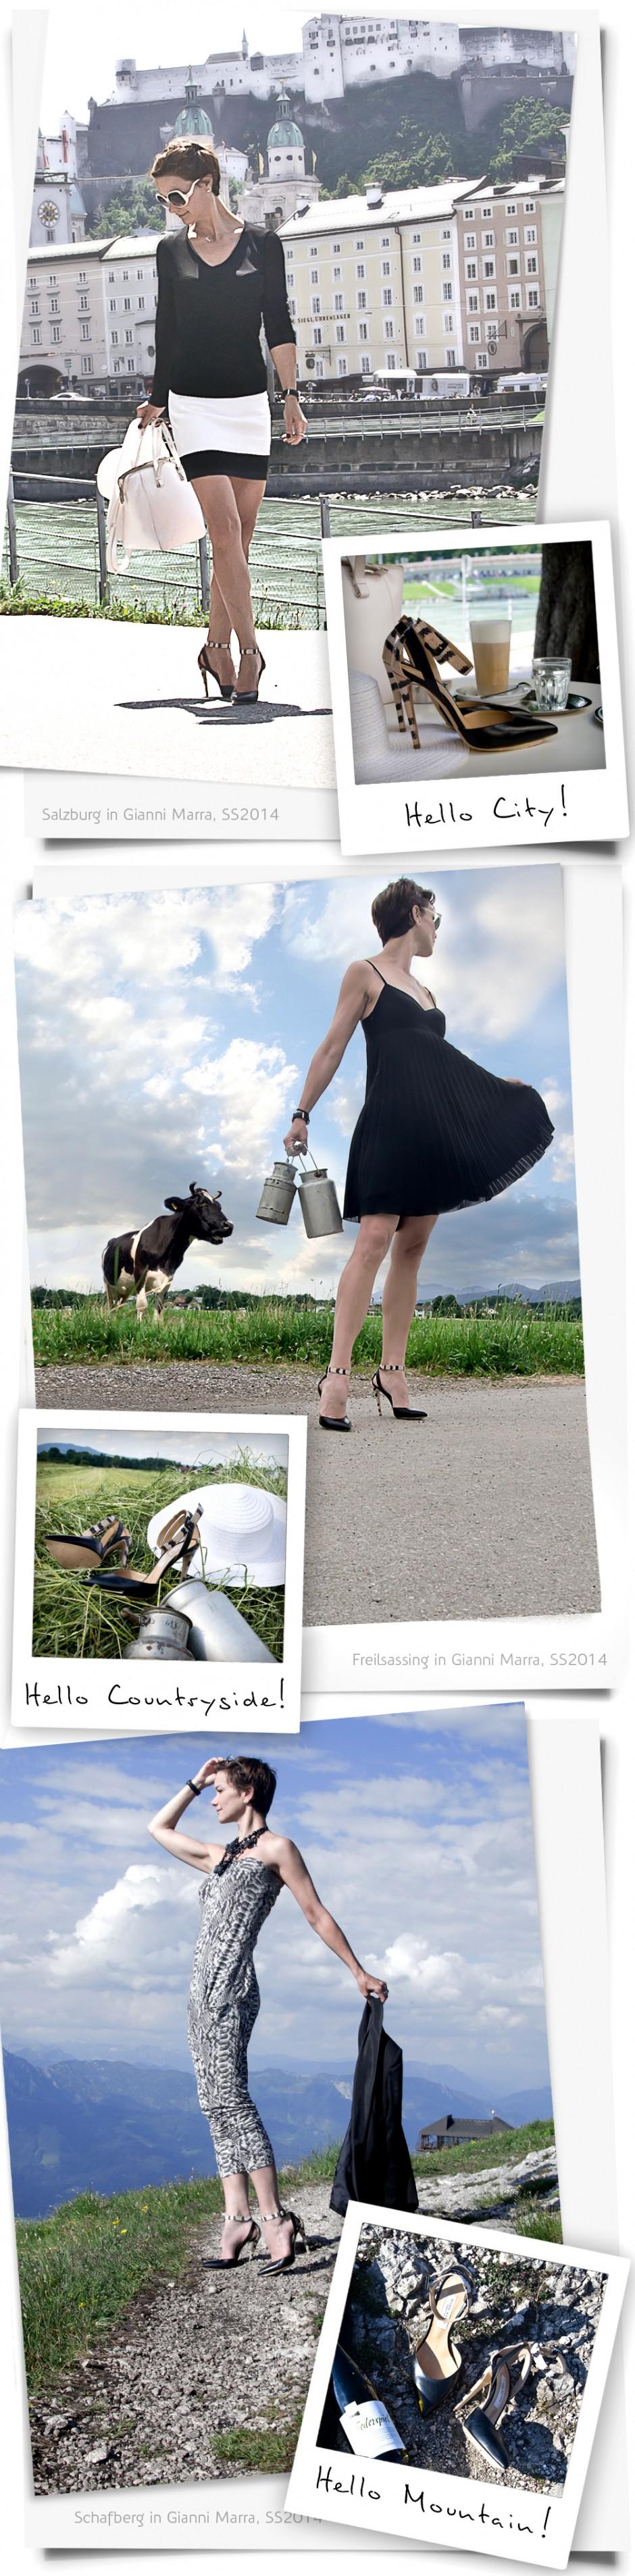 Shoetation wherever you go!